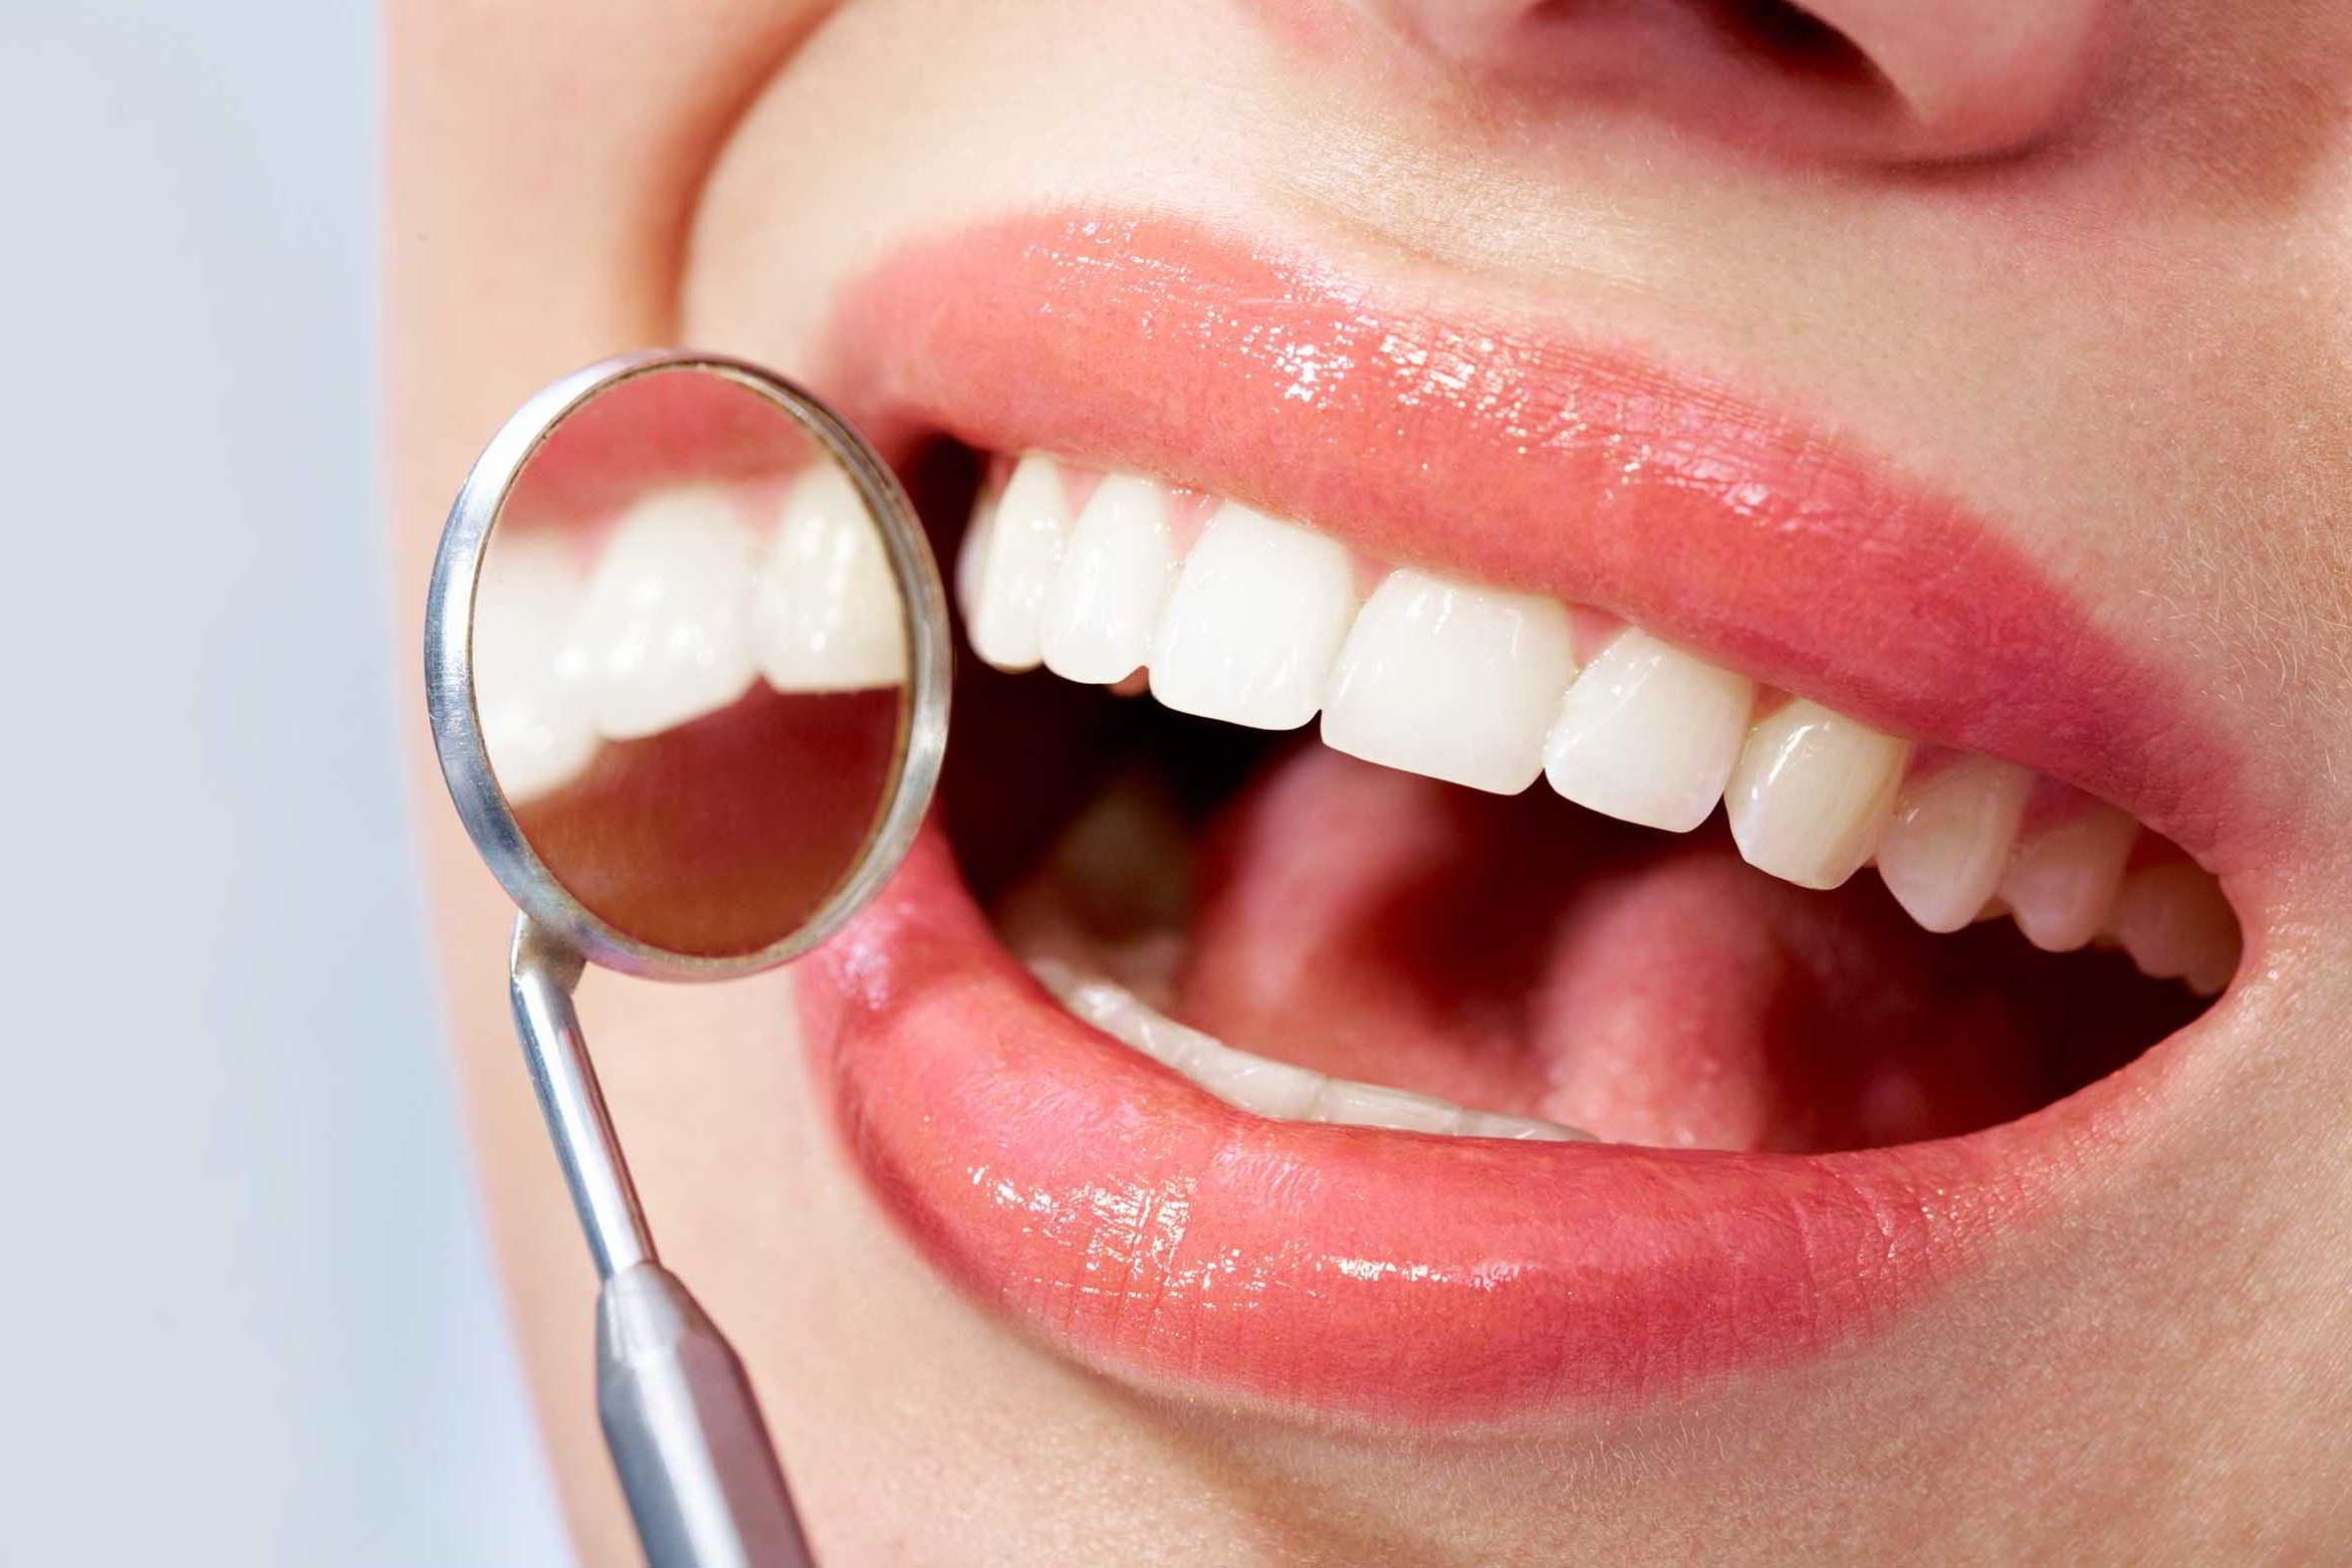 Dra. Koch: El correcto uso de carillas en la odontología moderna, parte 2